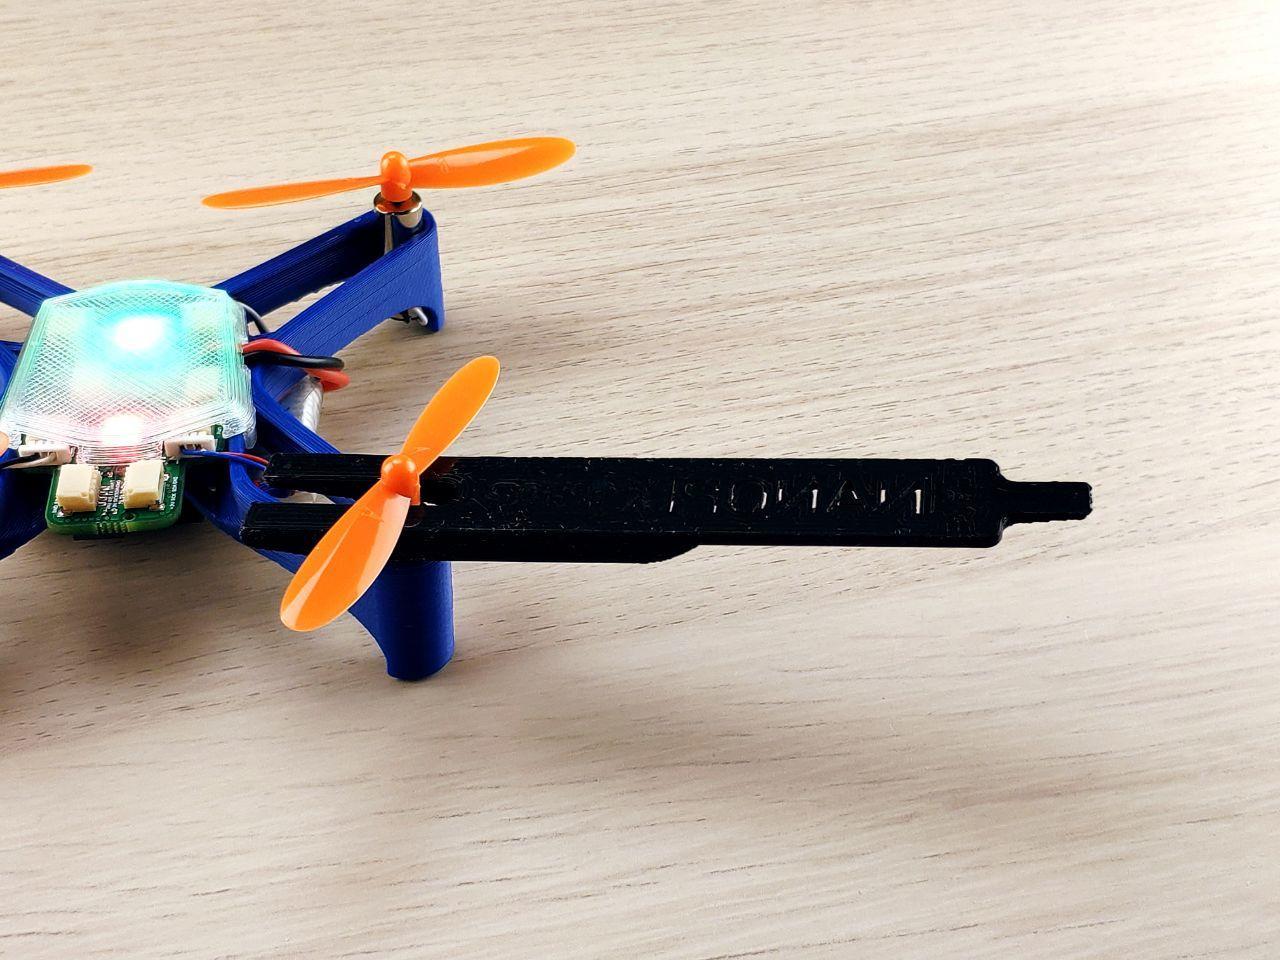 Всё необходимое для сборки дрона в комплекте